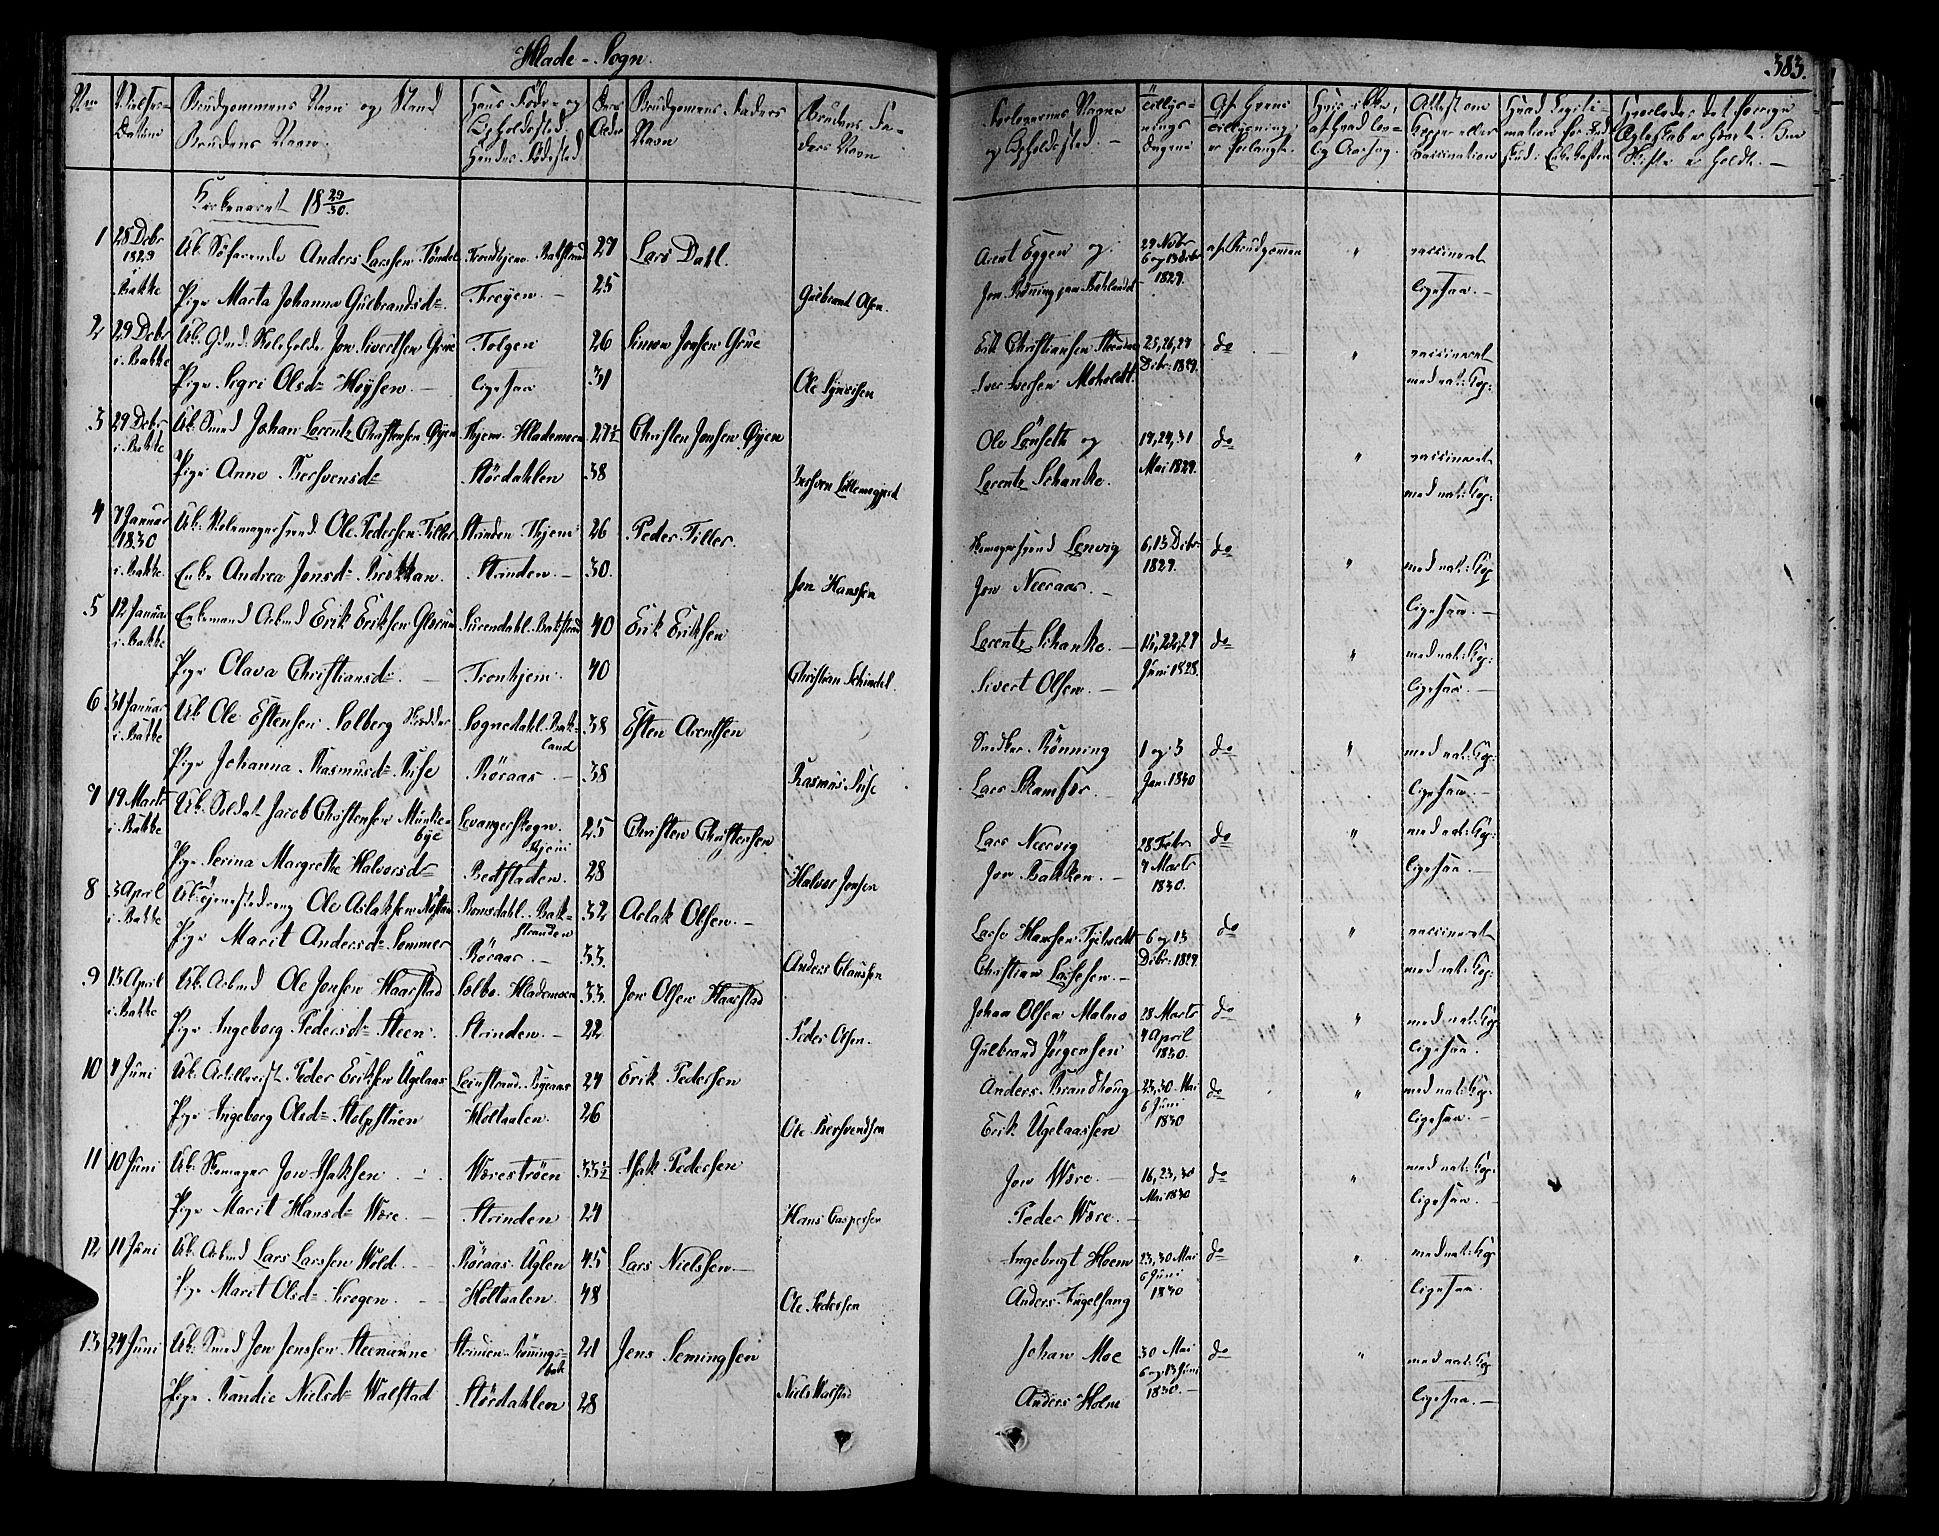 SAT, Ministerialprotokoller, klokkerbøker og fødselsregistre - Sør-Trøndelag, 606/L0286: Ministerialbok nr. 606A04 /1, 1823-1840, s. 383